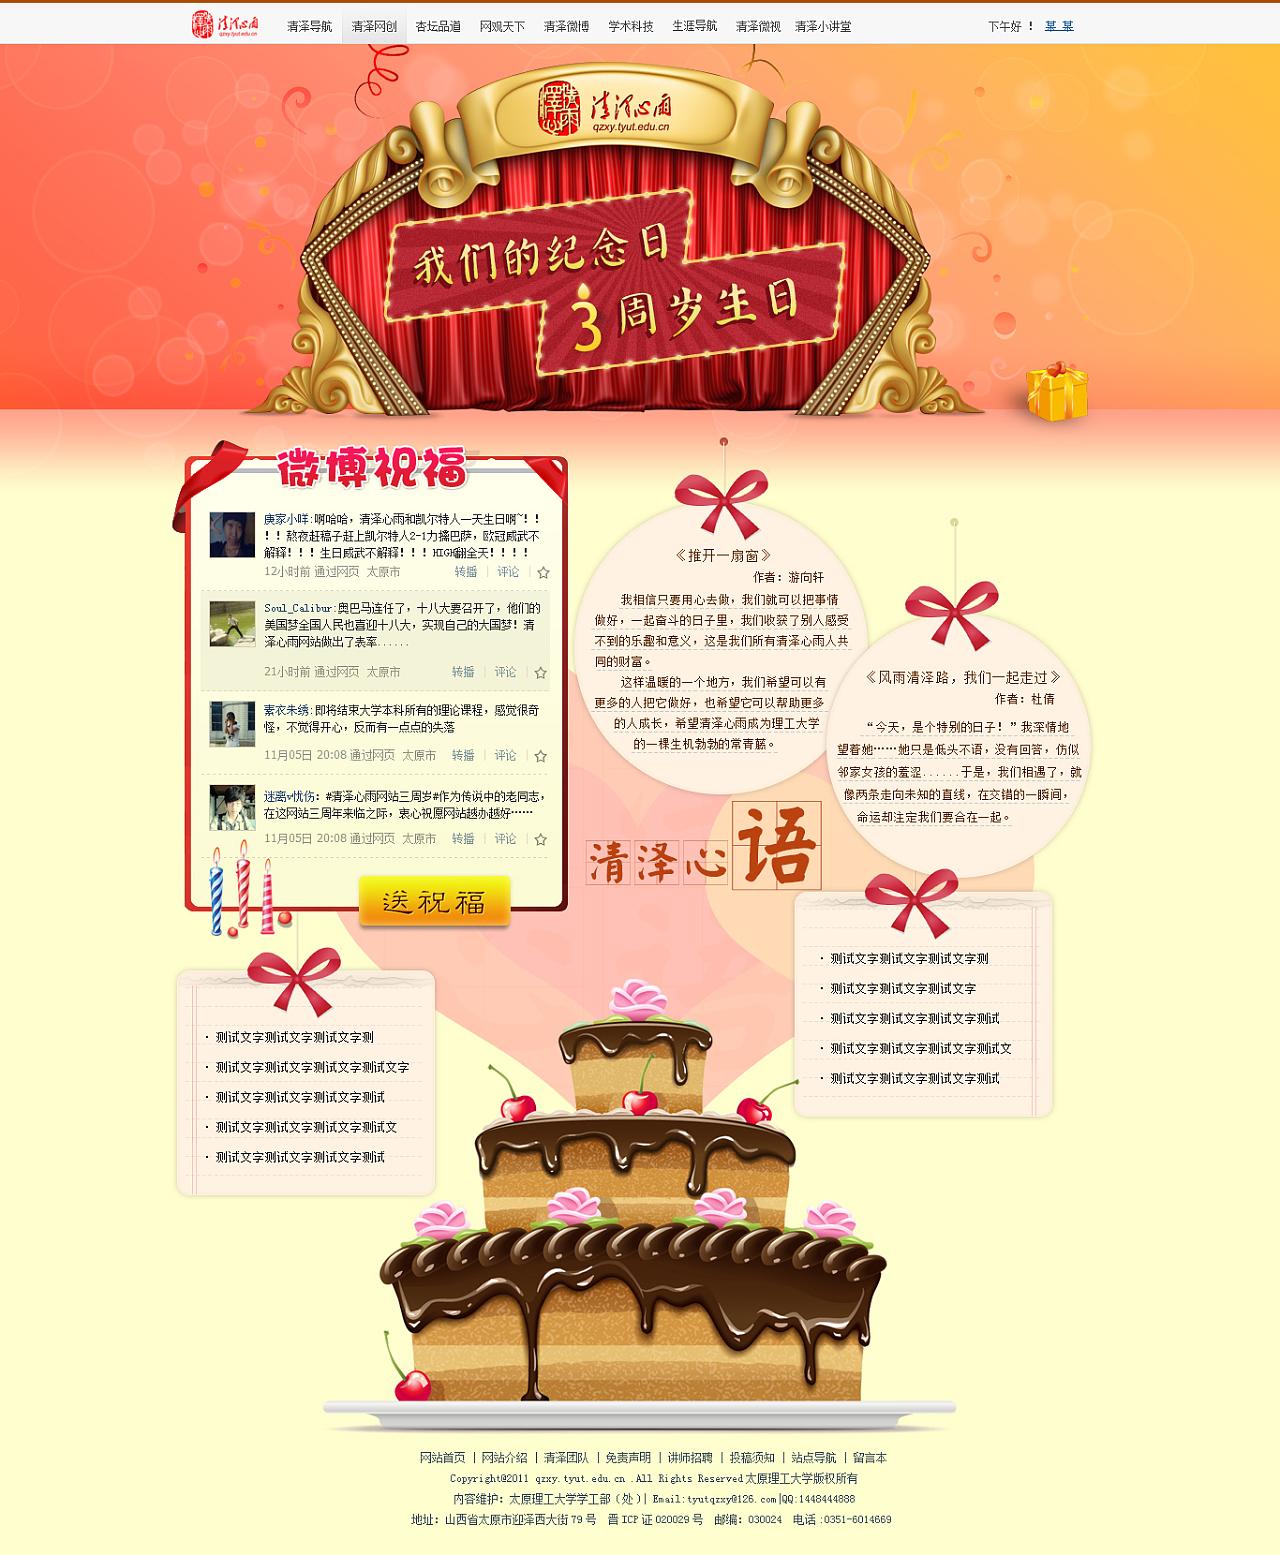 我们的节日——清泽心雨网站3岁生日